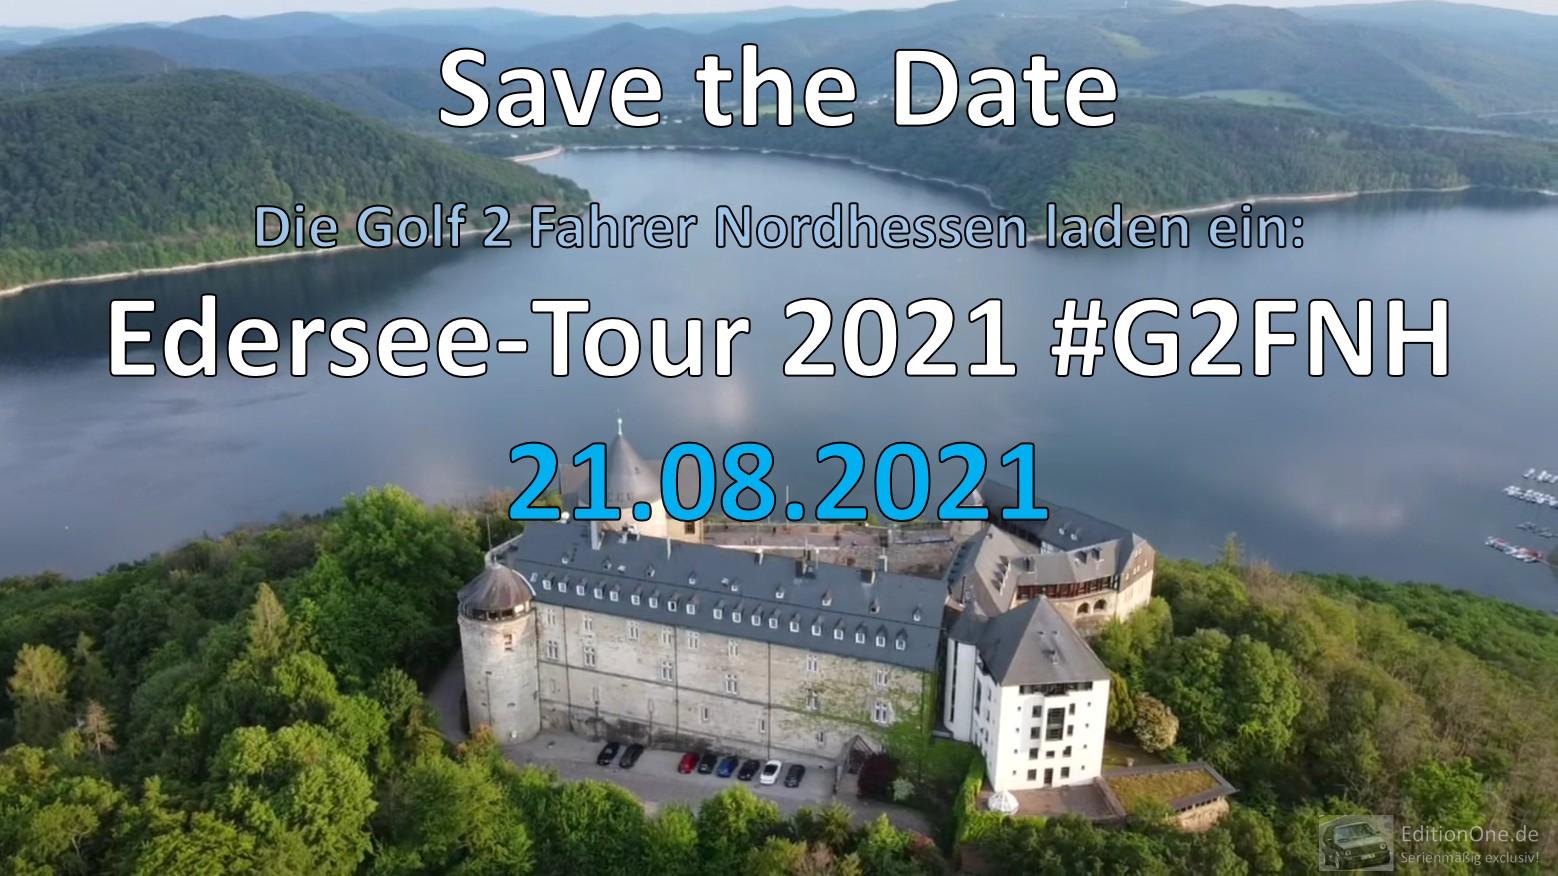 Edersee-Tour_2021_G2FNH_FB.jpg